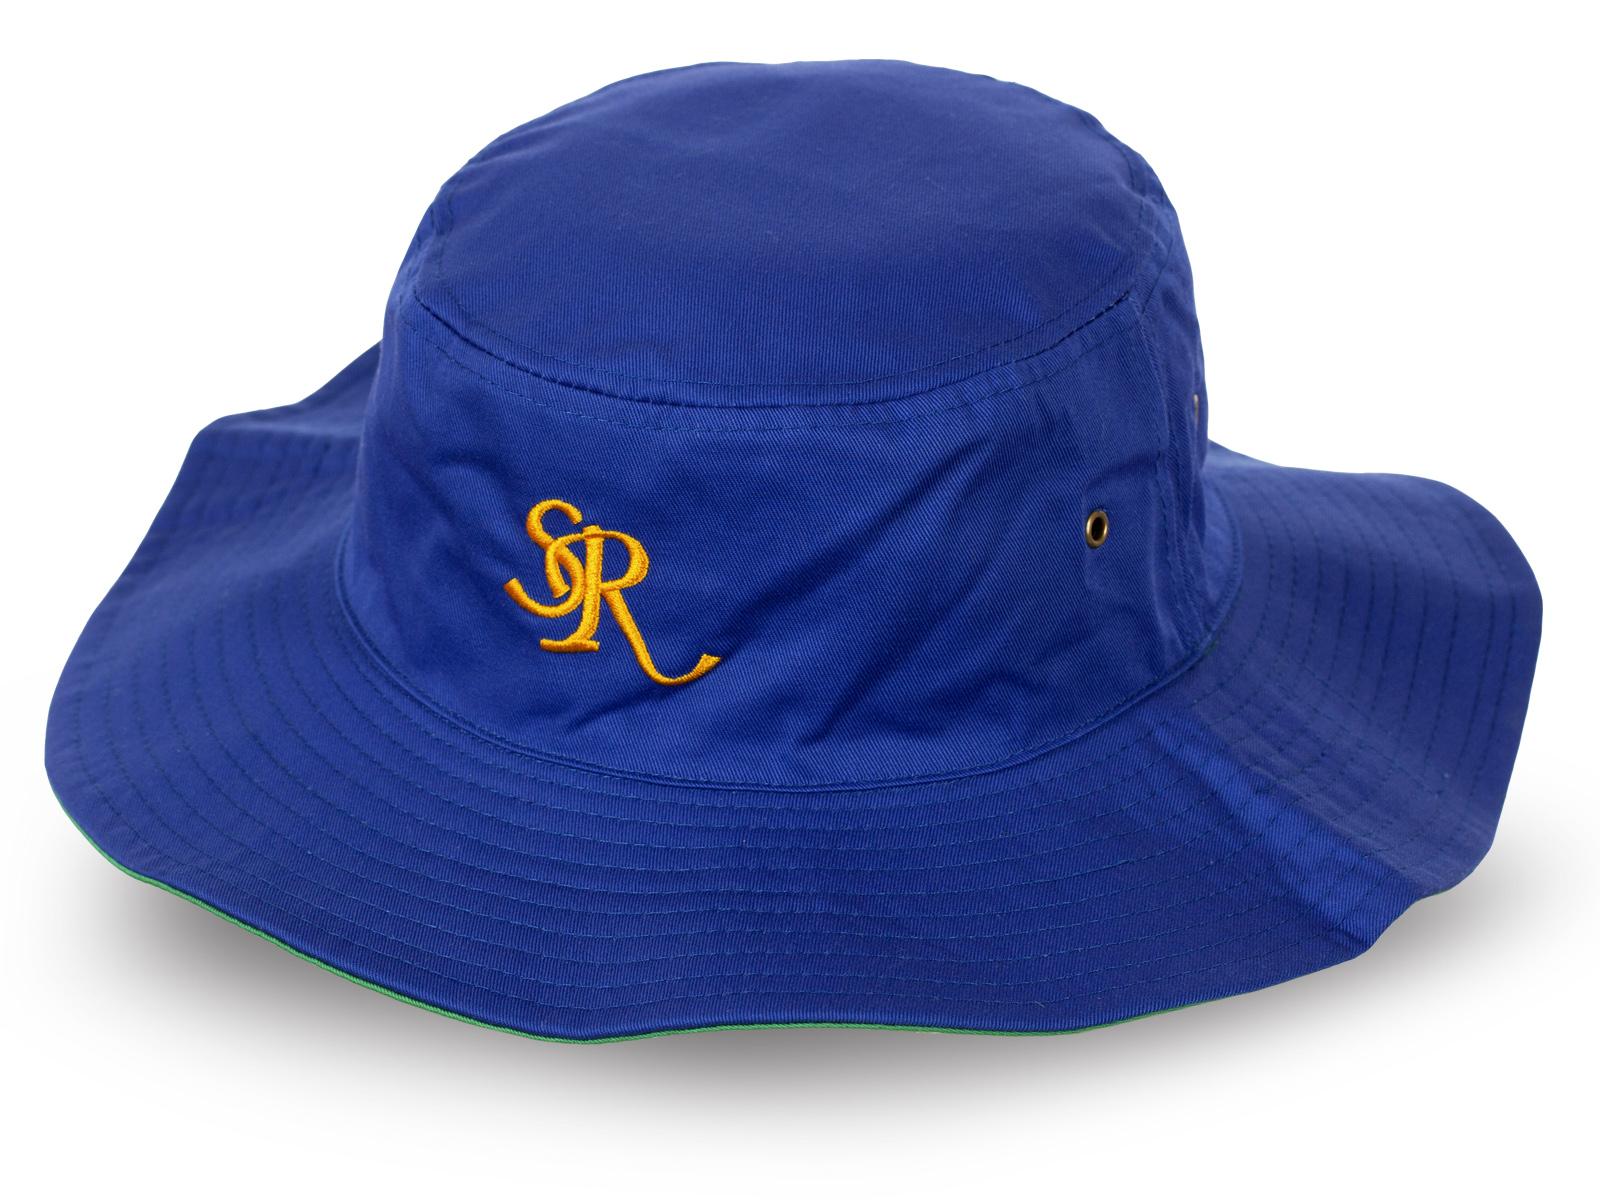 Шляпка для морских прогулок